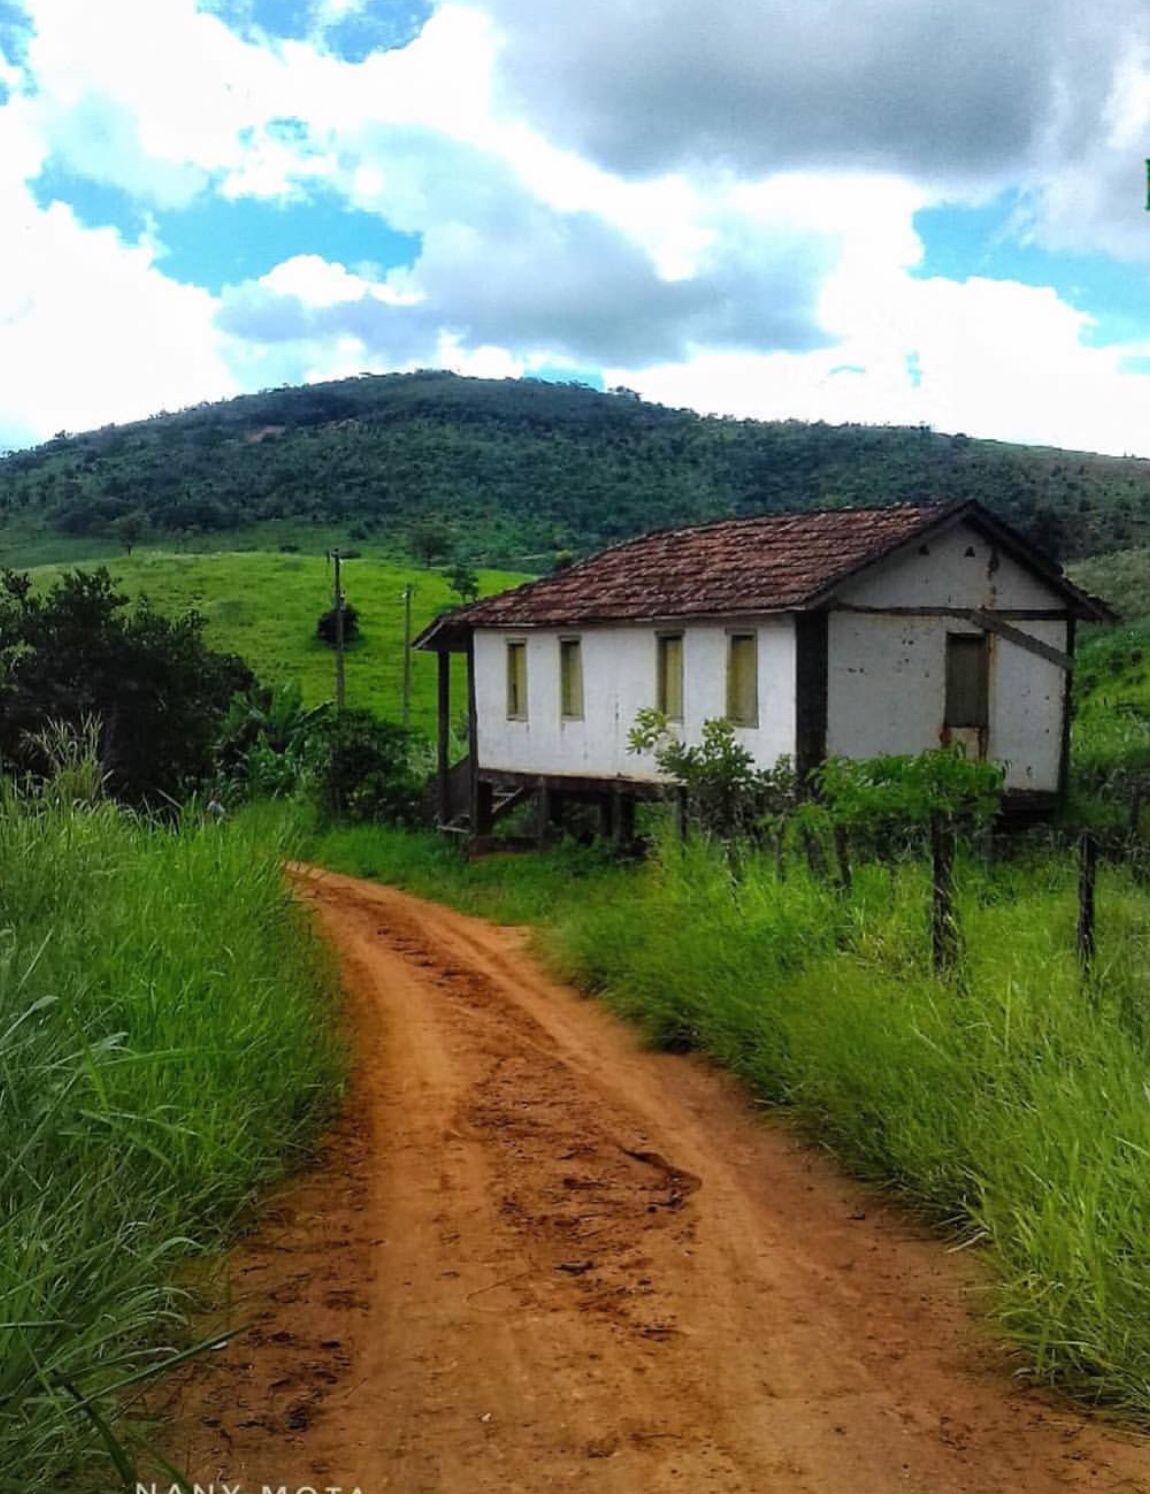 Pin De Mari Soares Em Casinhas Antigas Casas Antigas Casas